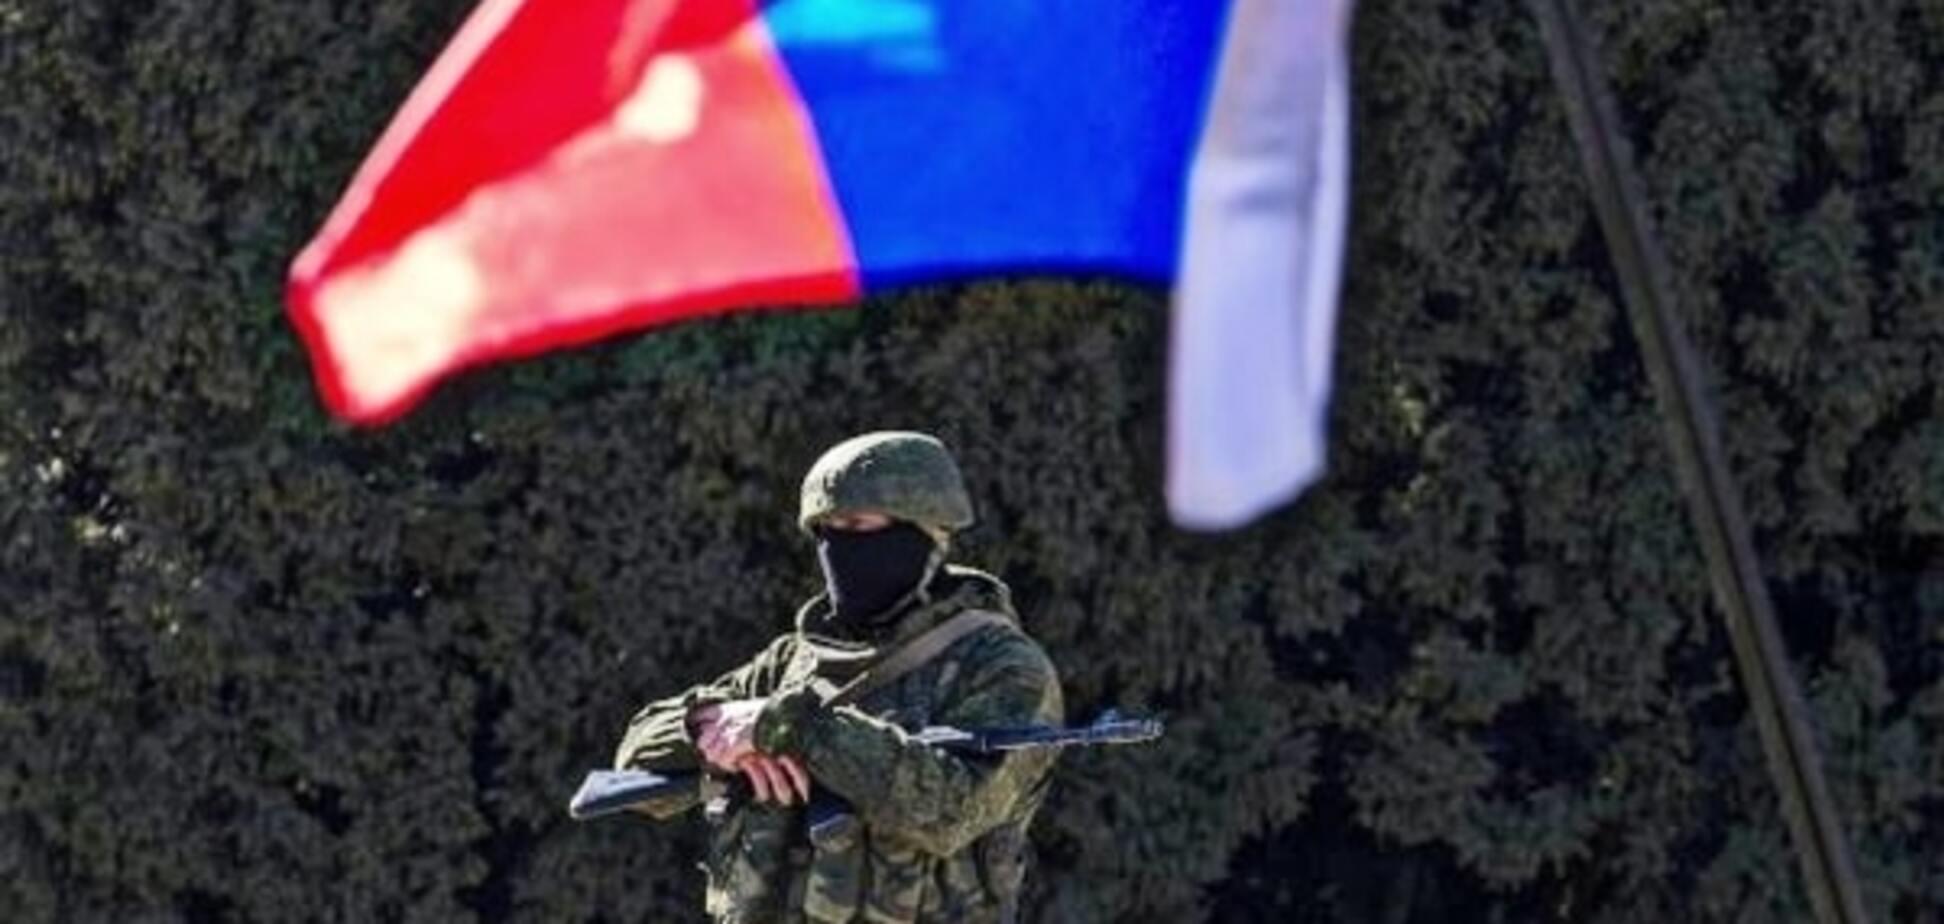 Гаага ждет: правозащитники подготовили материалы о пытках и убийствах в Крыму